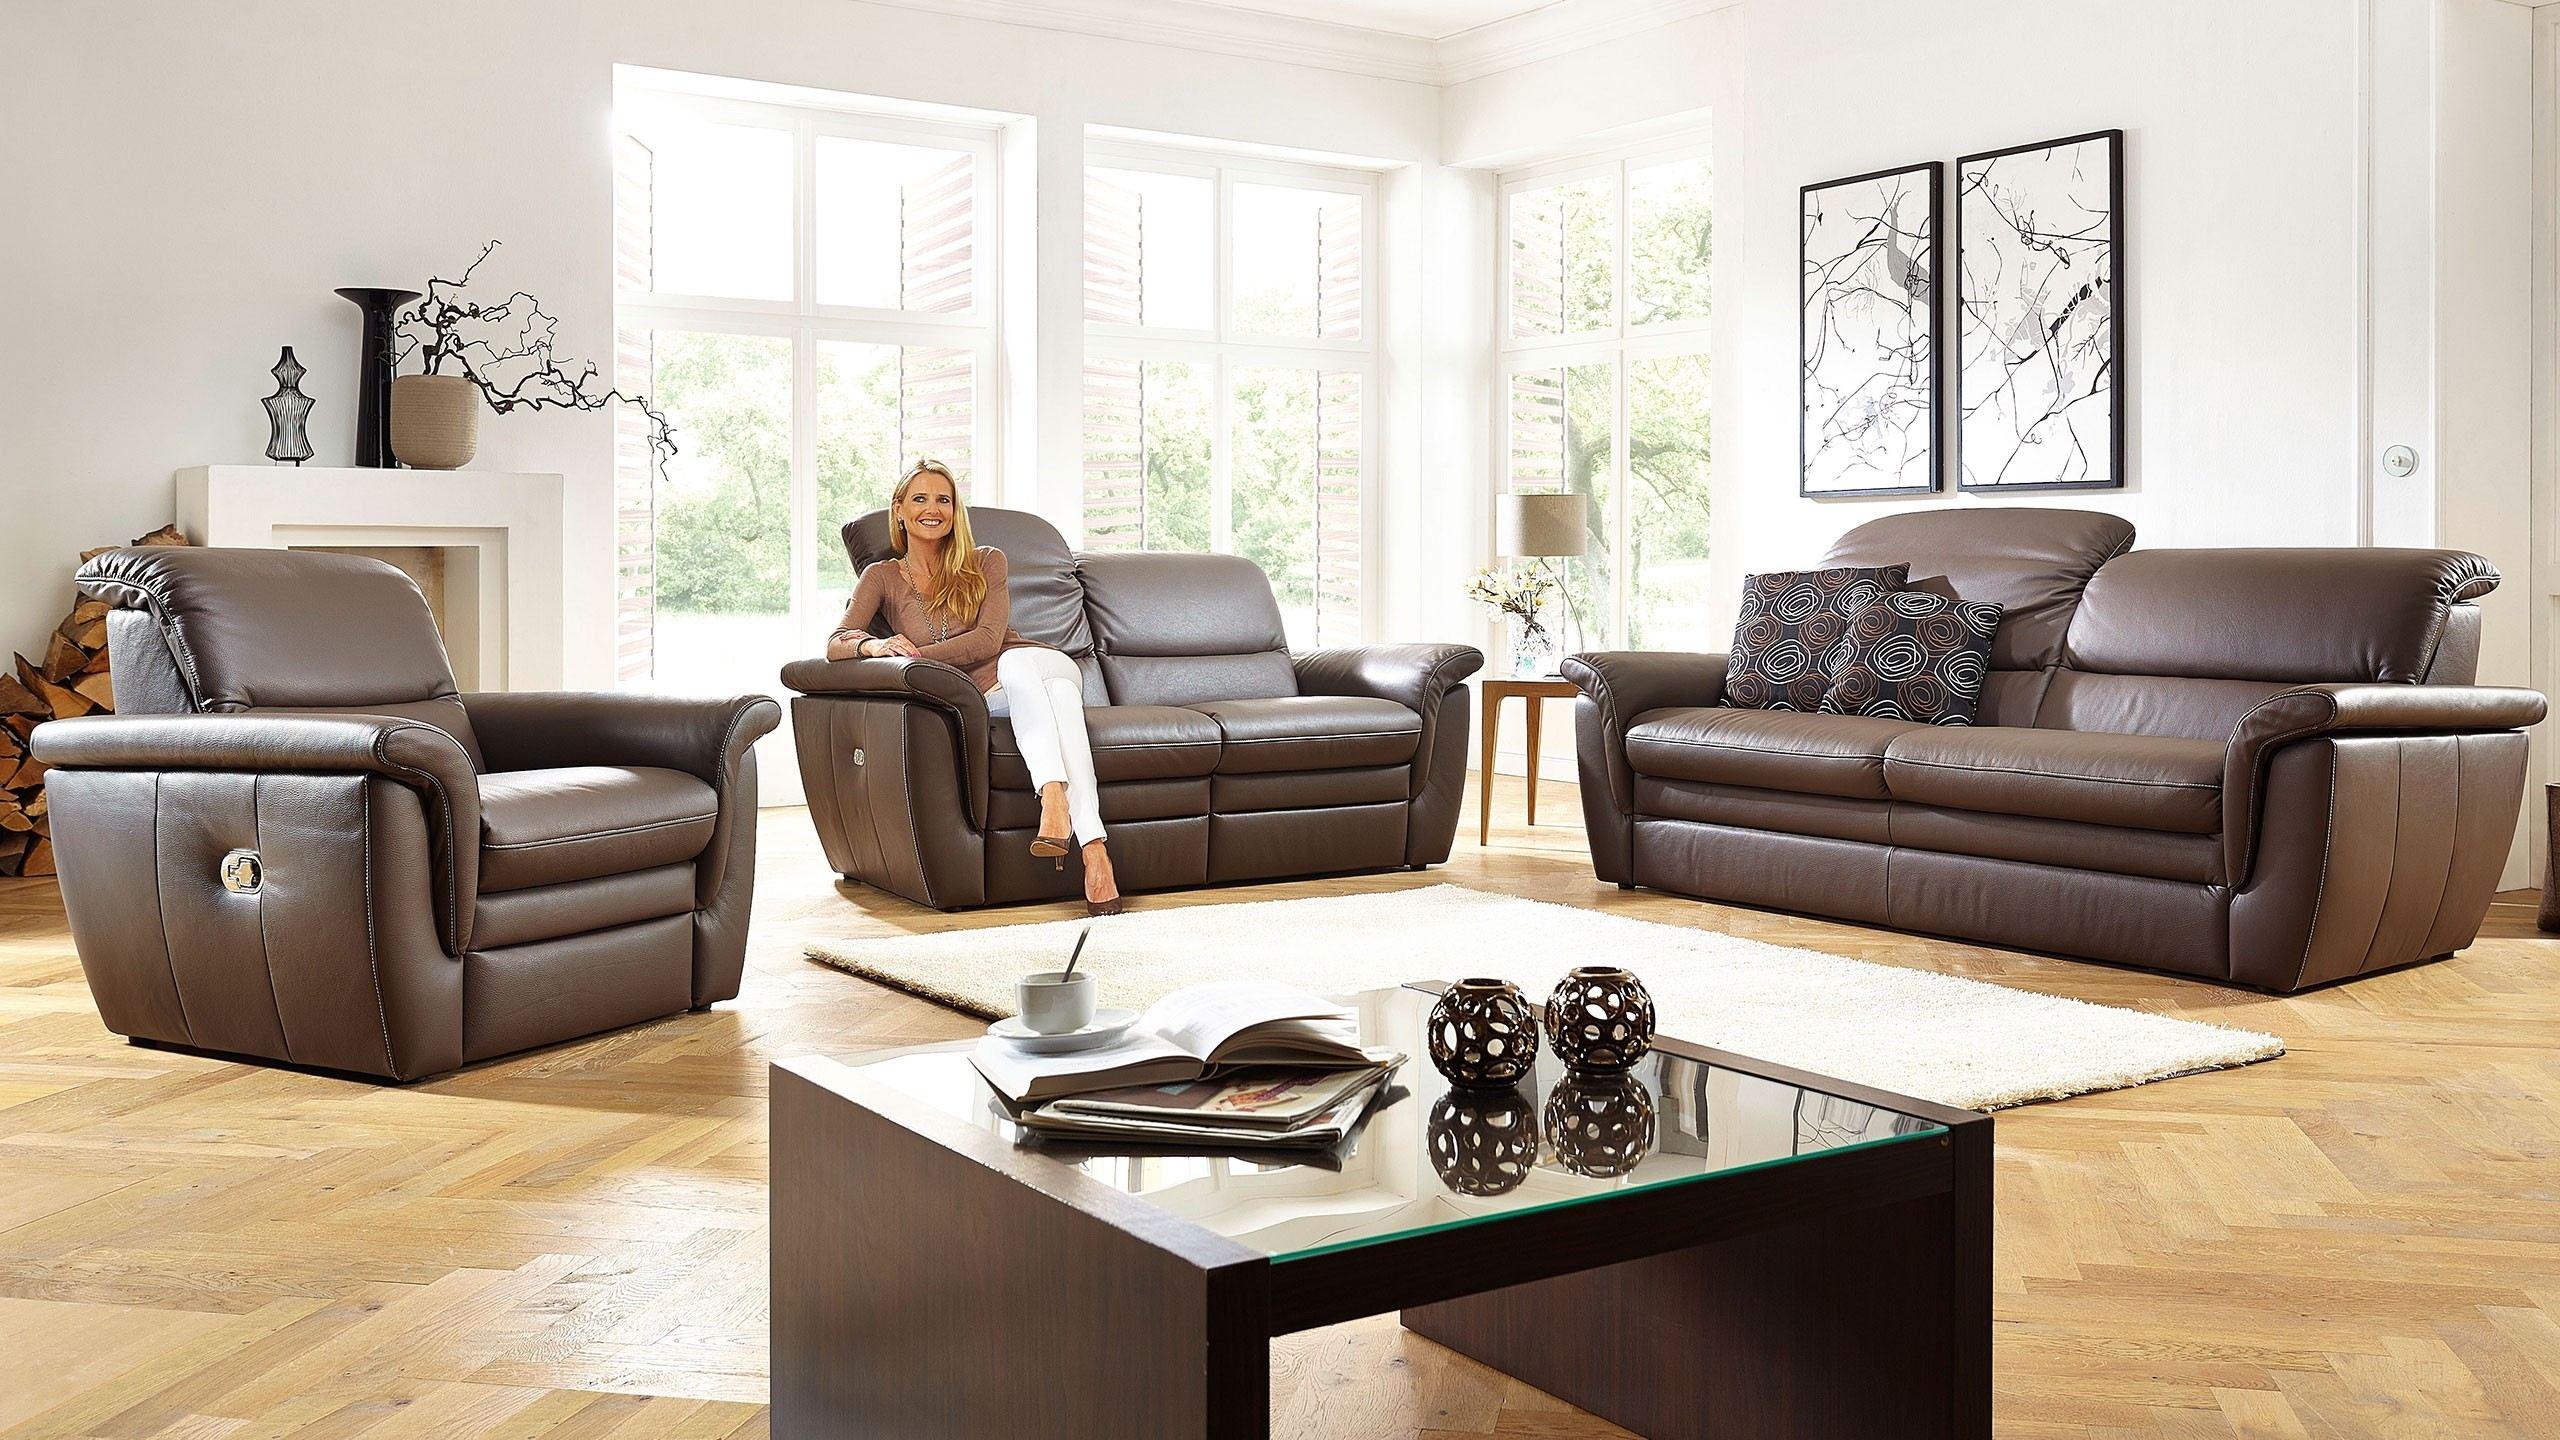 Full Size of Couch Leder Braun Vintage 3 2 1 Sofa Set Otto 3 Sitzer   Chesterfield 2 Sitzer Cava Multipolster Halbrundes 5 Sitzer Groß Schlafsofa Liegefläche 180x200 Sofa Sofa Leder Braun